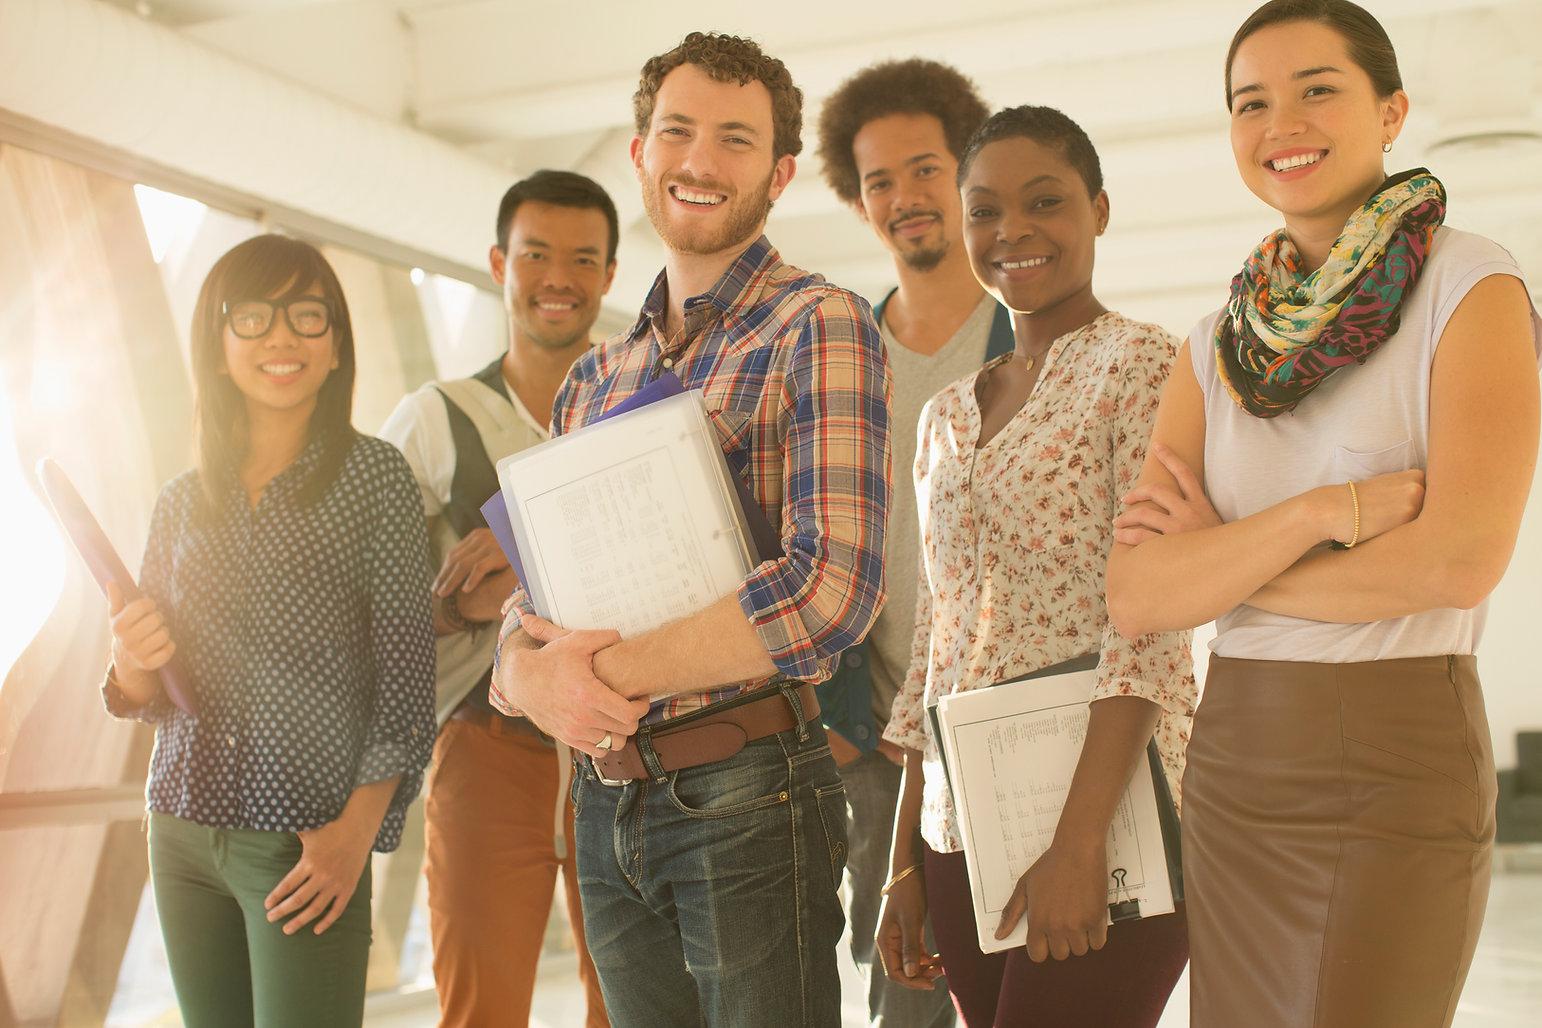 Recruitment Agency Agence de recrutement